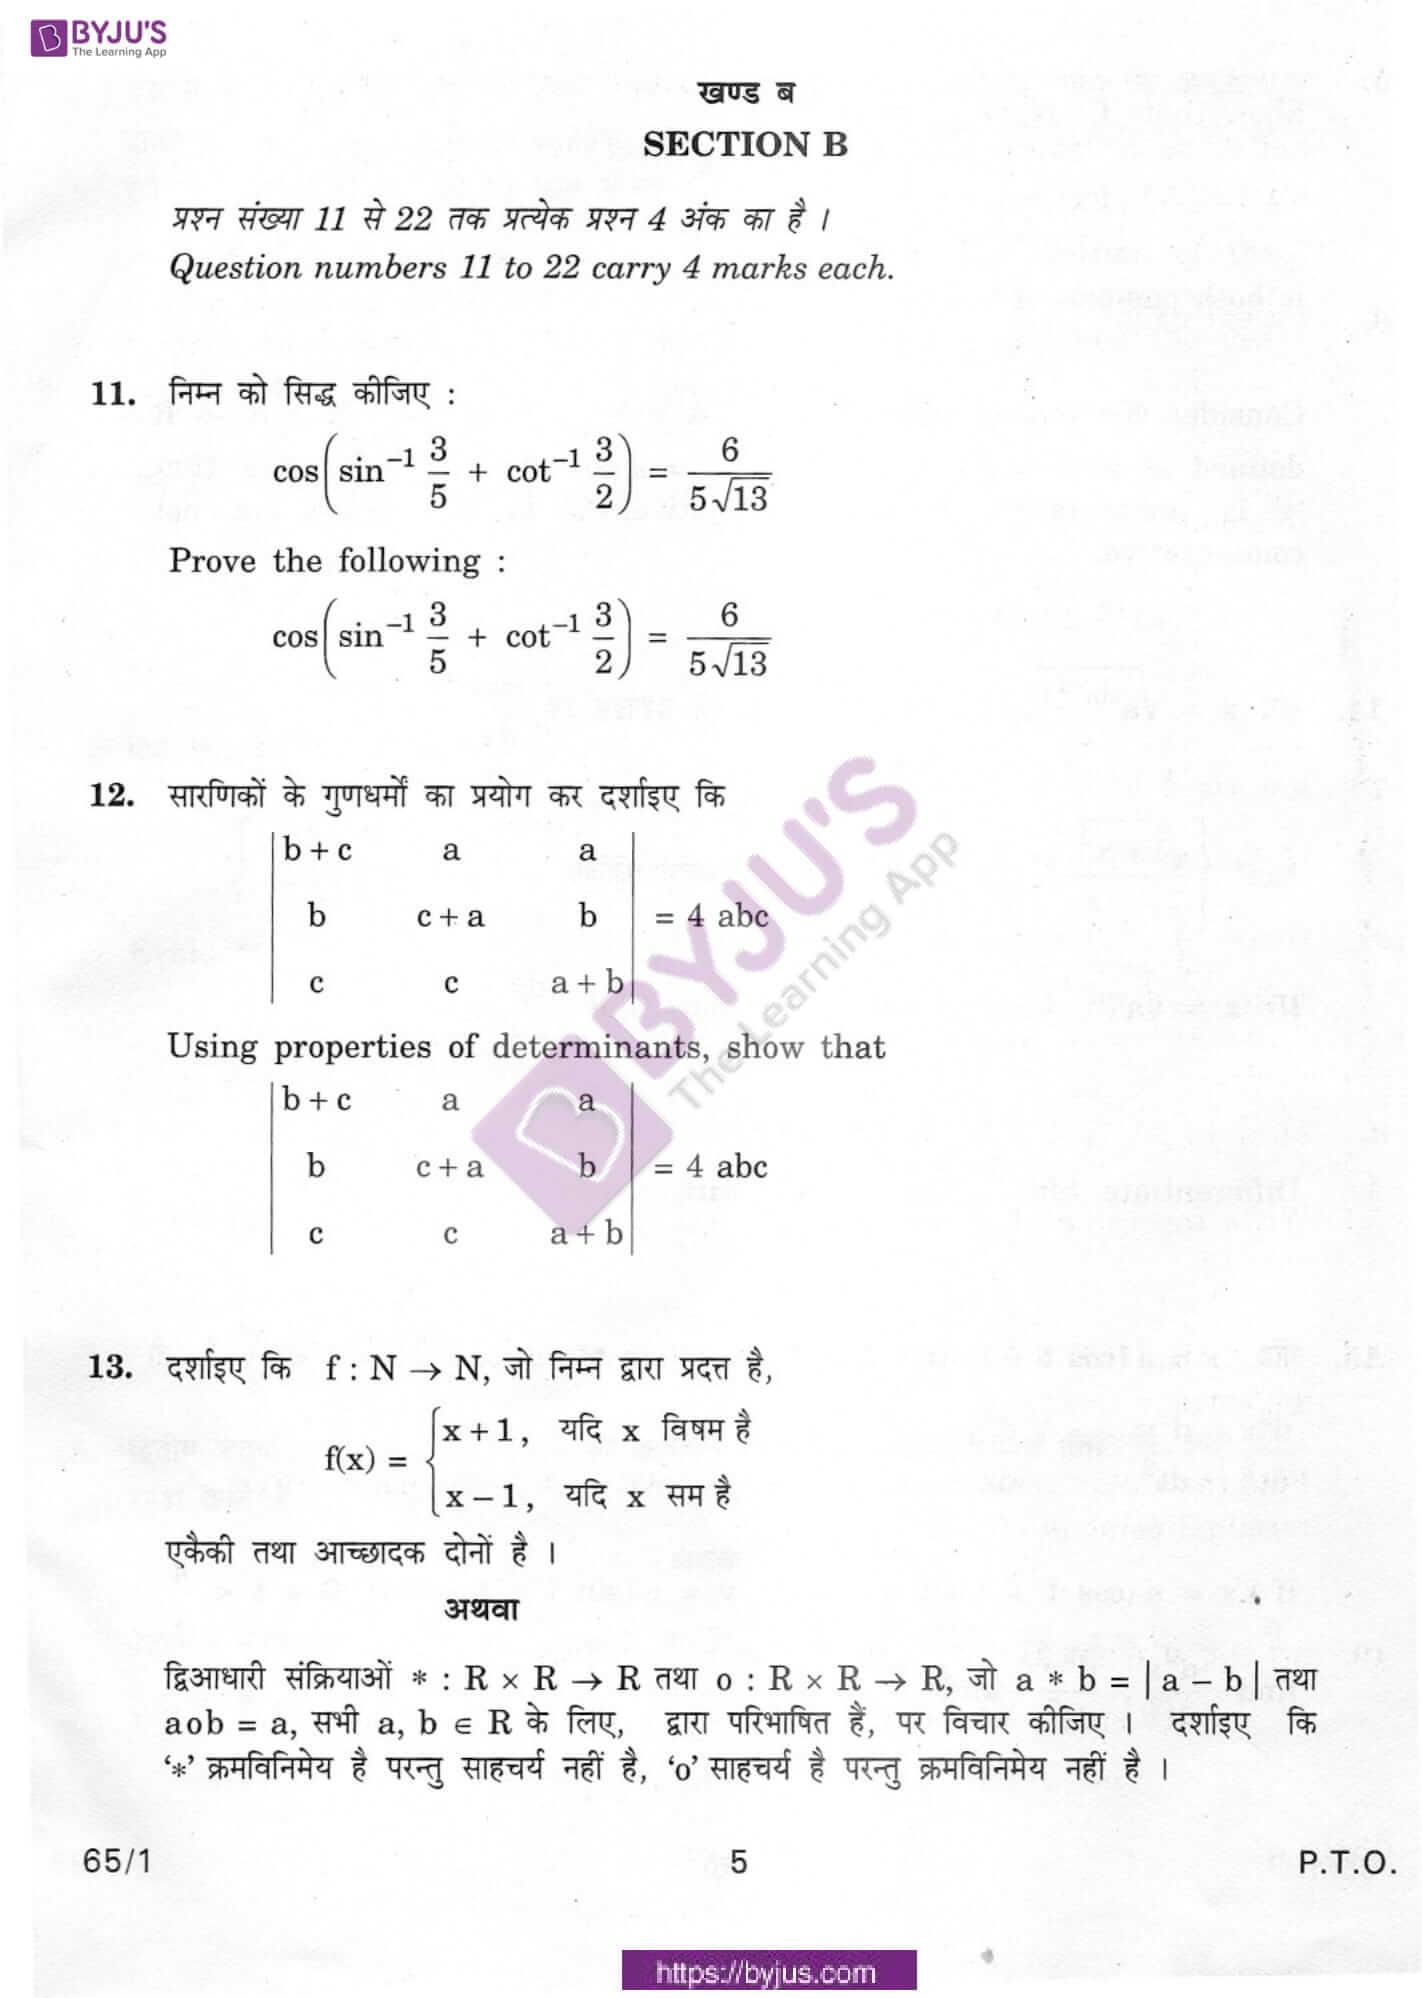 cbse class 12 maths question paper 2012 set 1